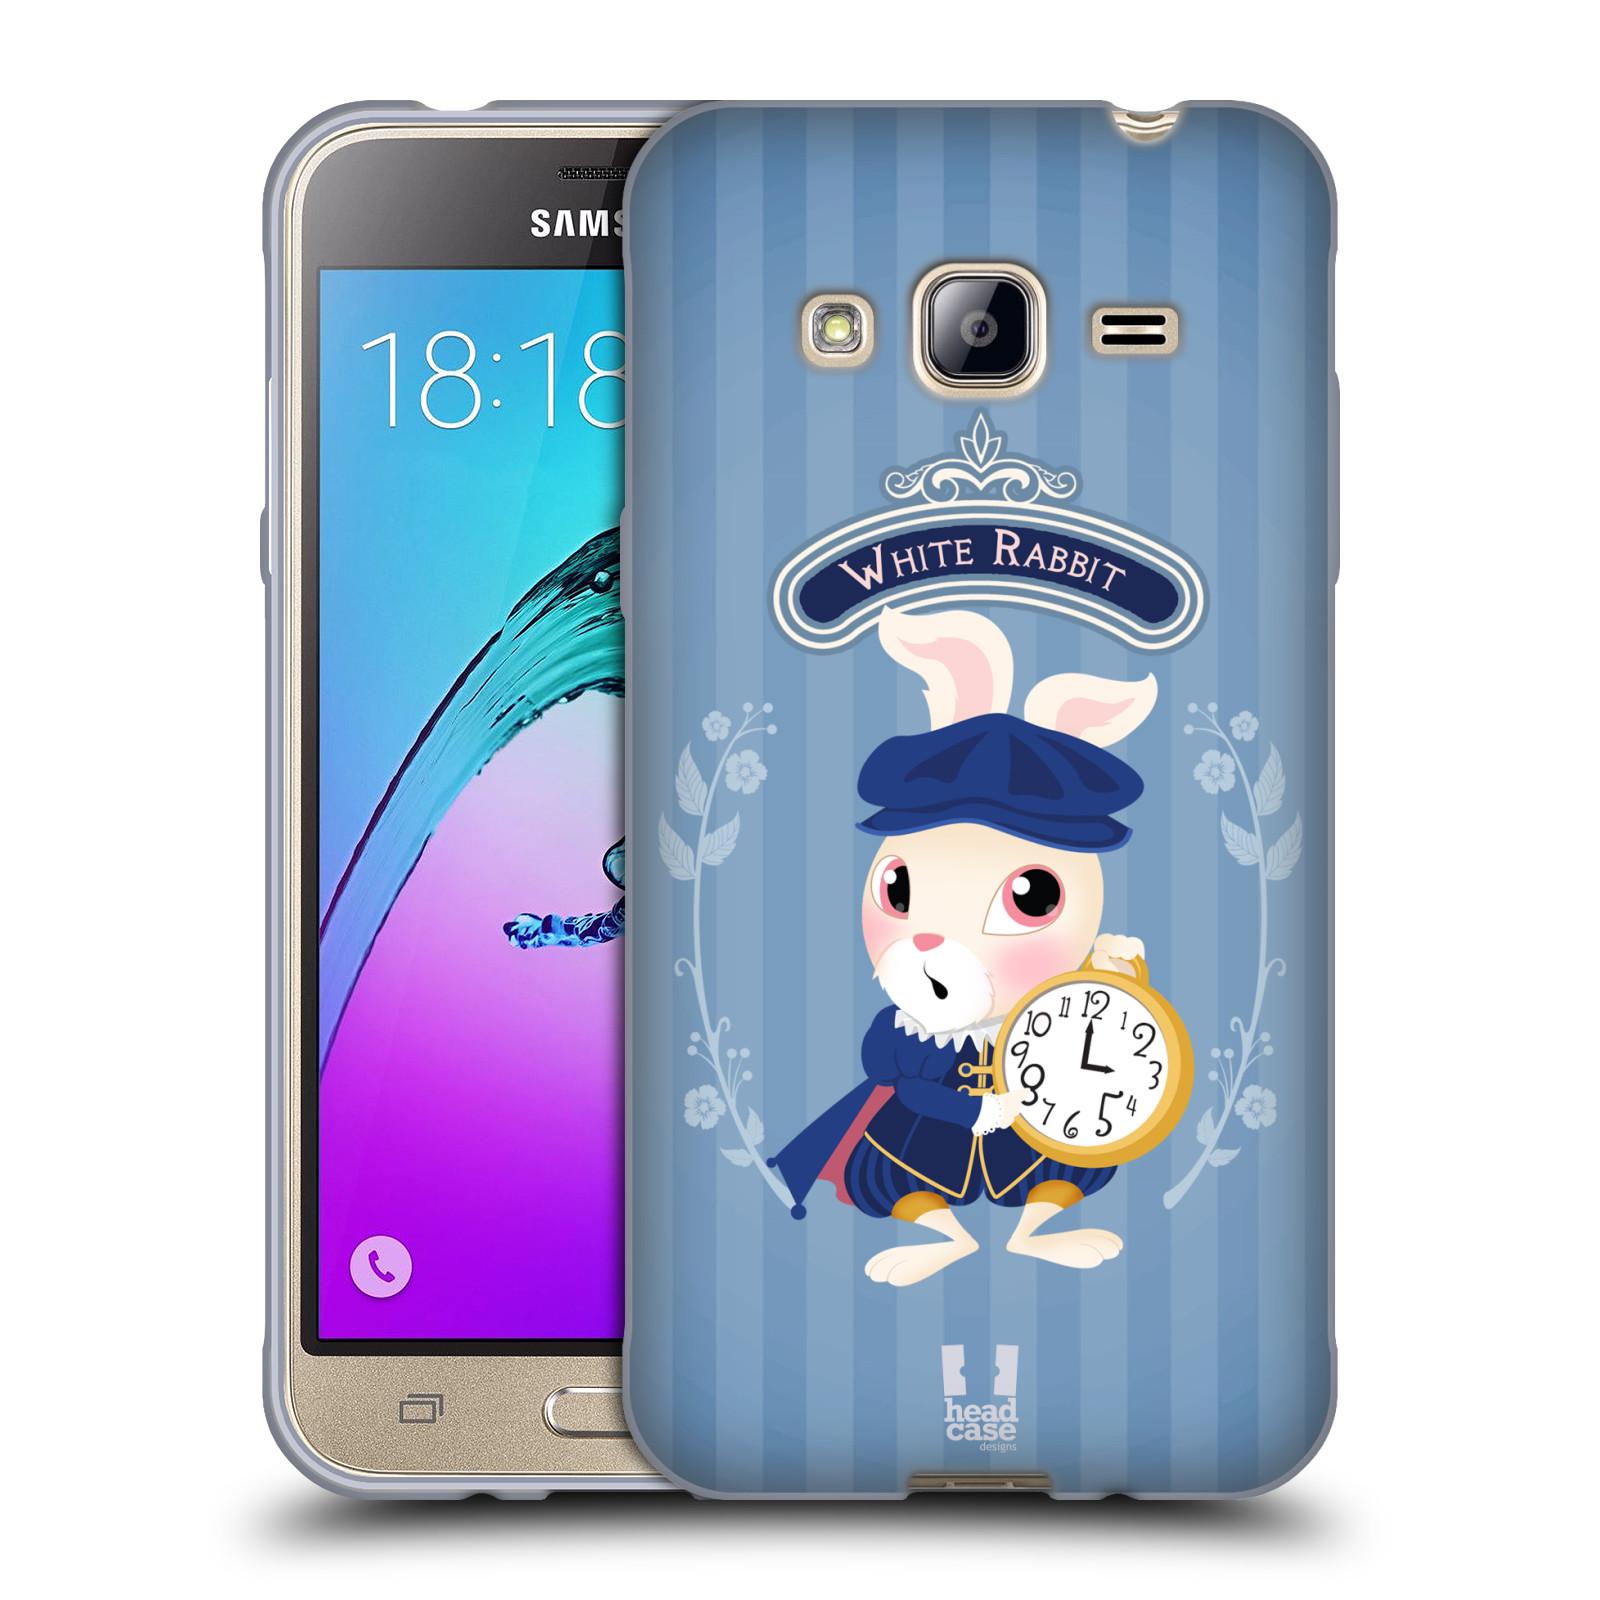 HEAD CASE silikonový obal na mobil Samsung Galaxy J3, J3 2016 vzor Alenka v říši divů králíček